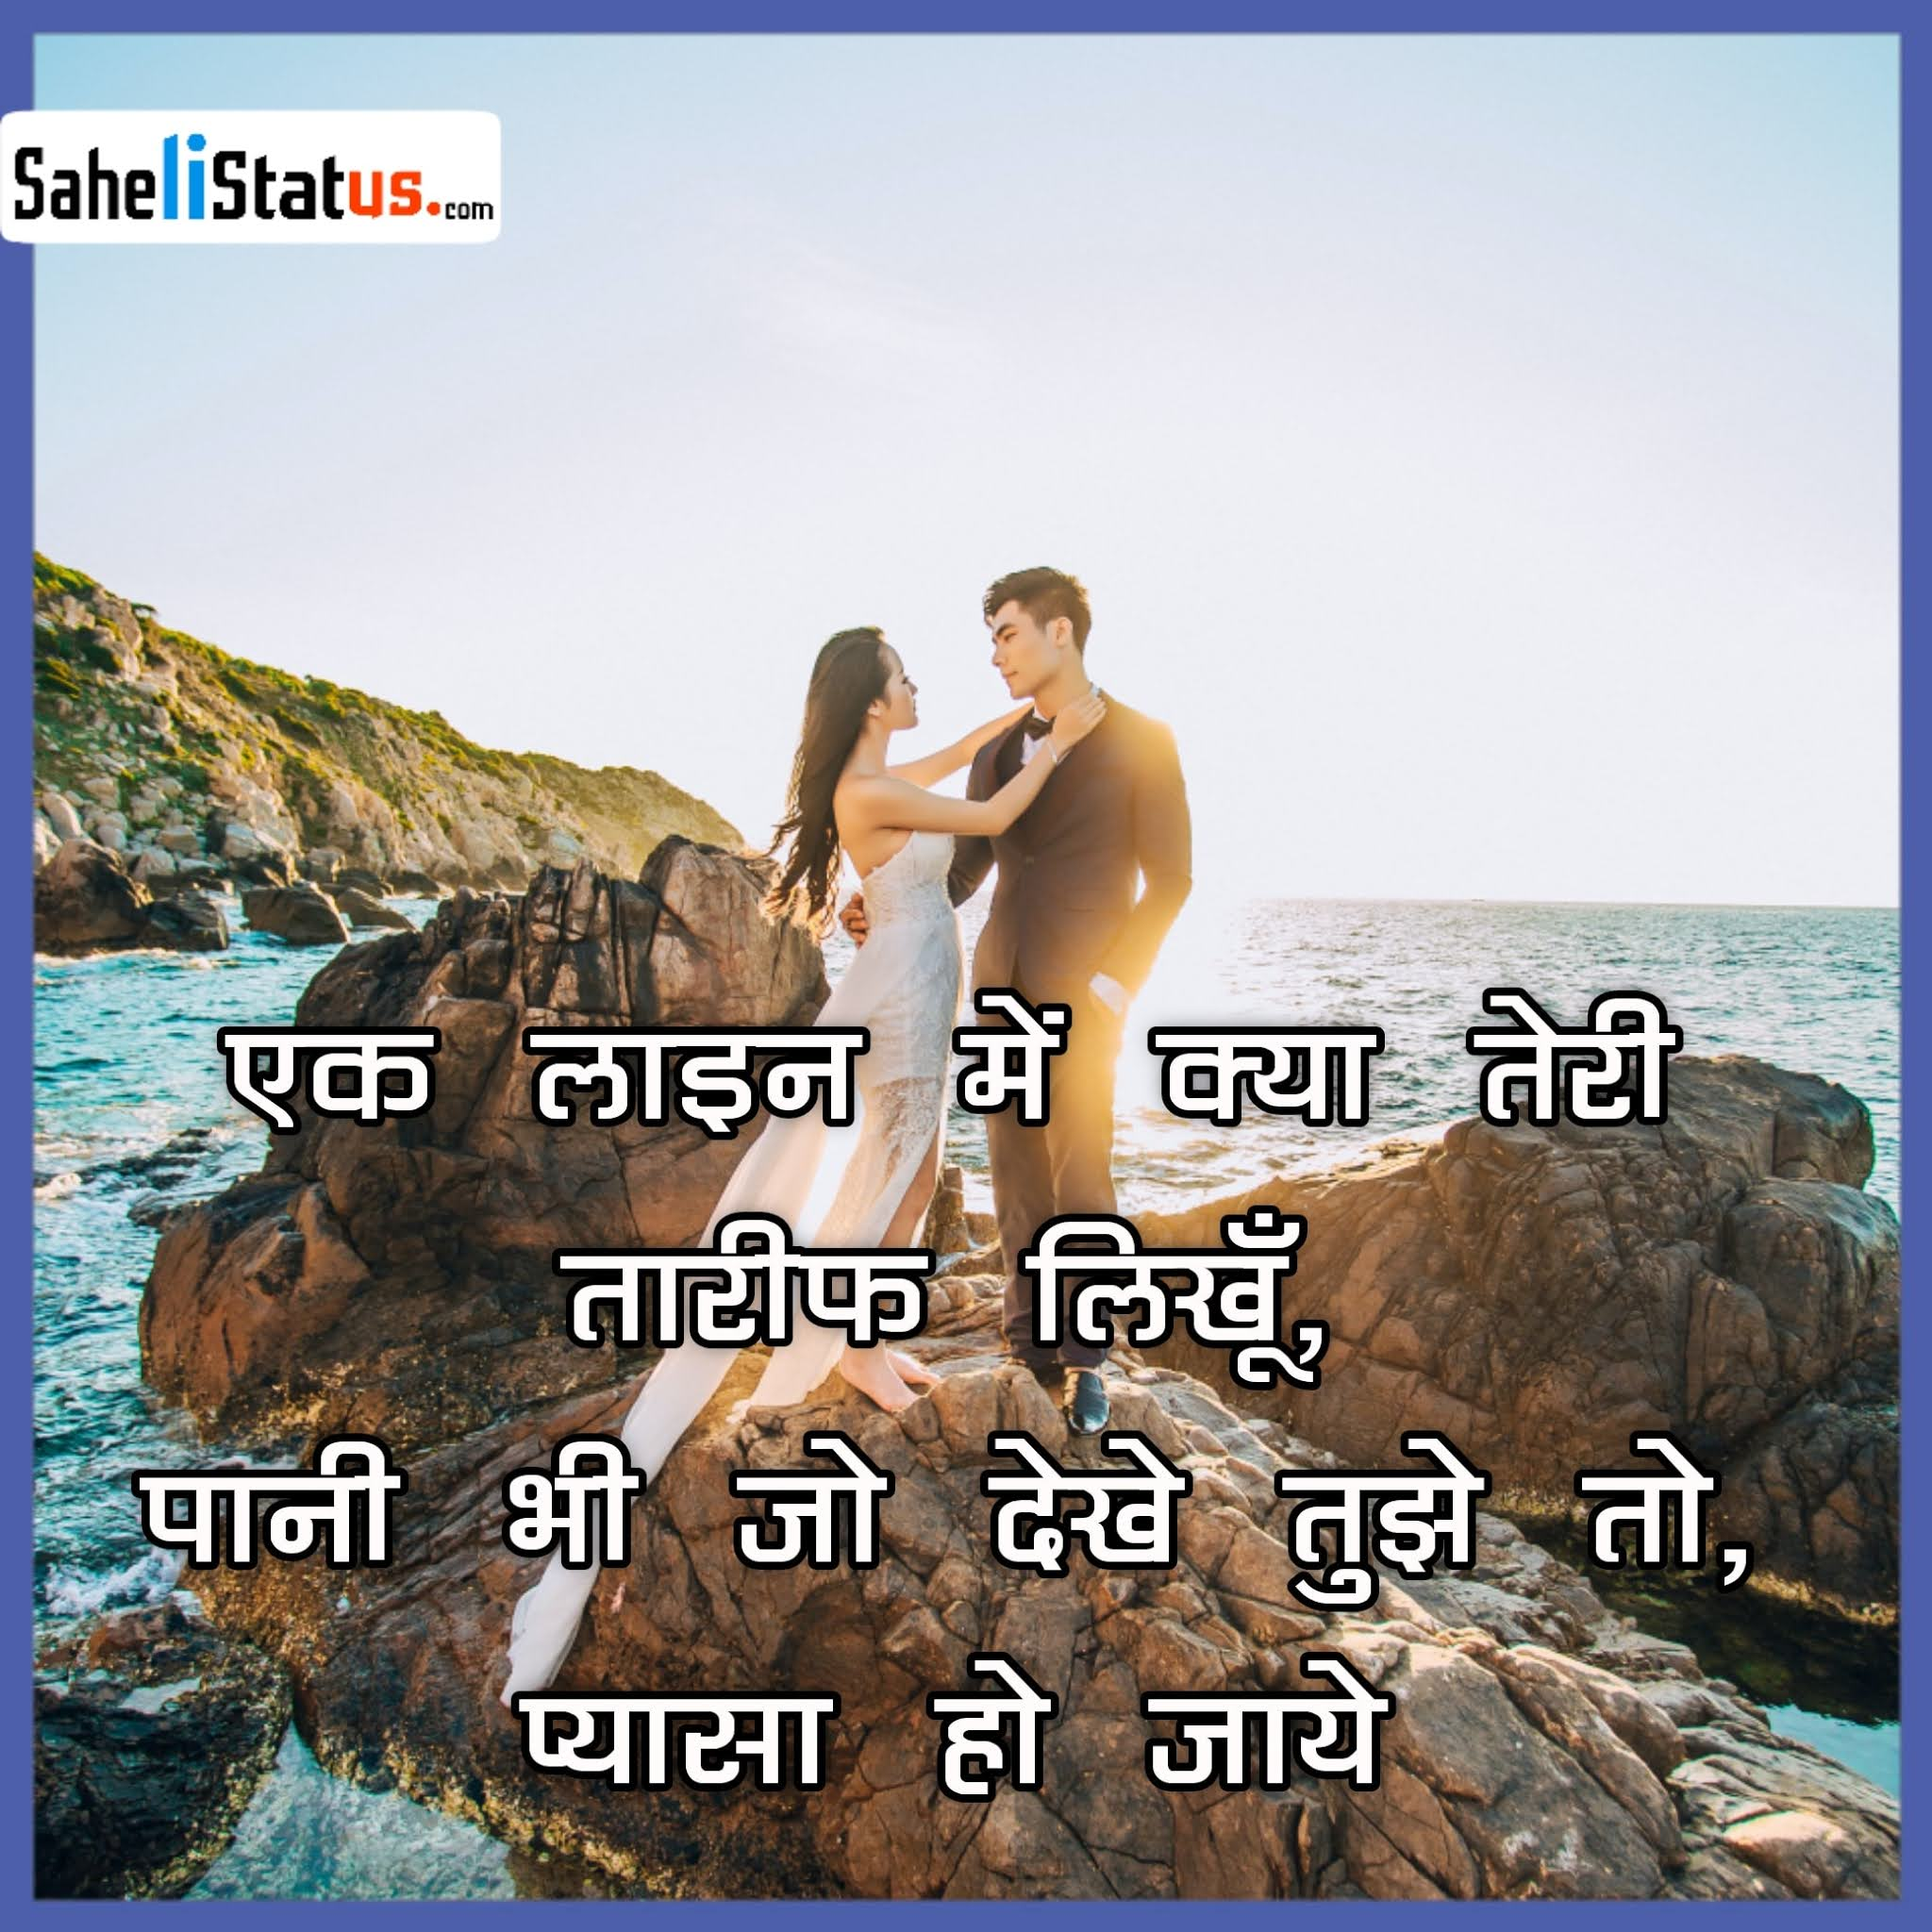 Mohabbat Shayari in Hindi